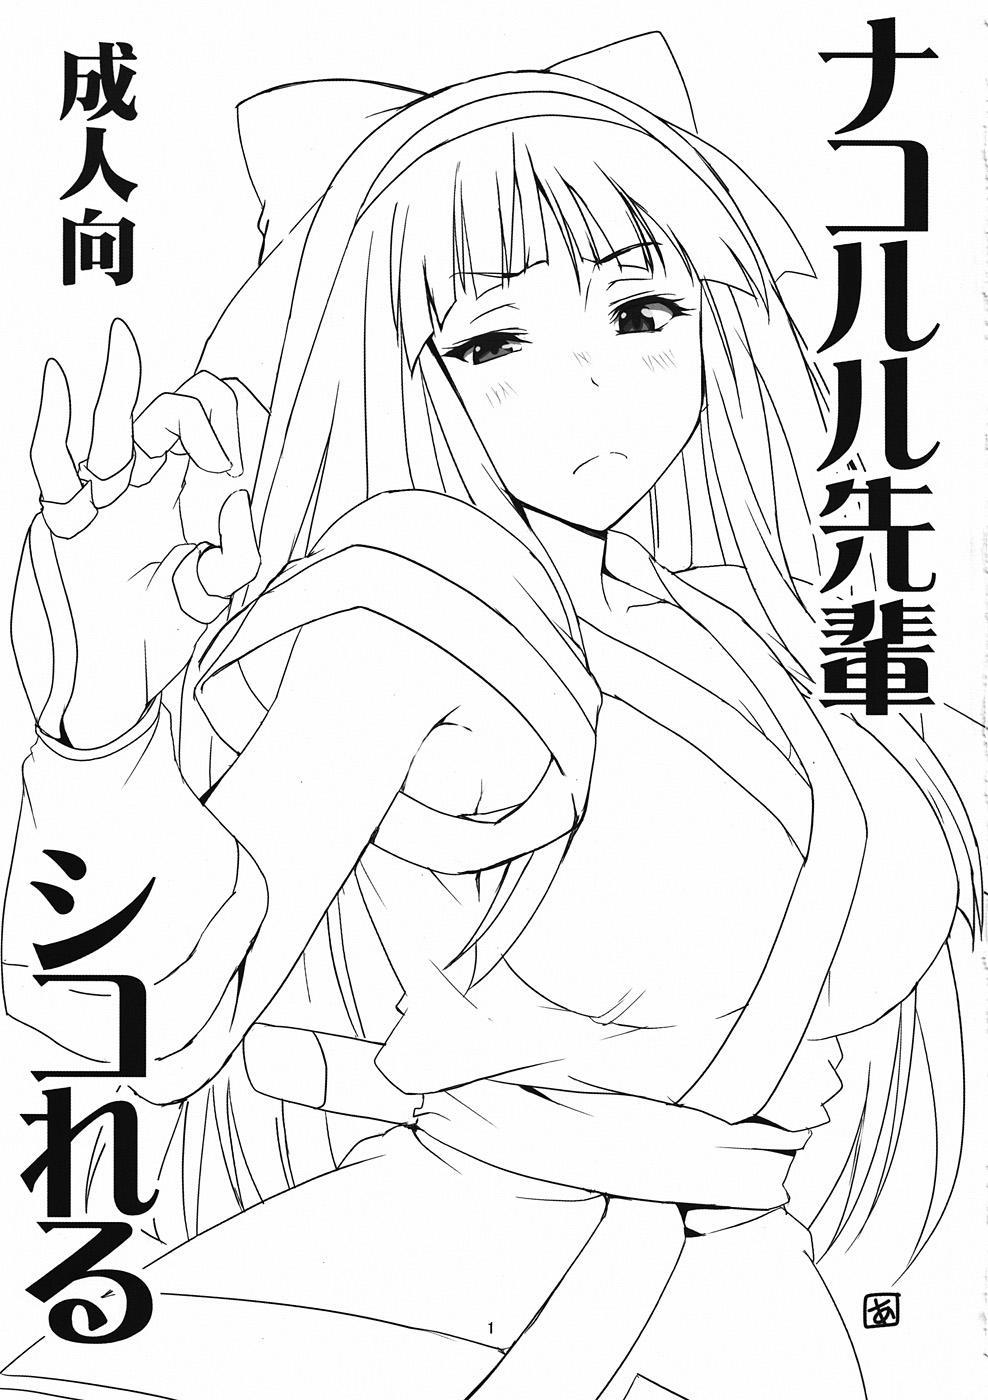 Nakoruru Senpai Shikoreru 1